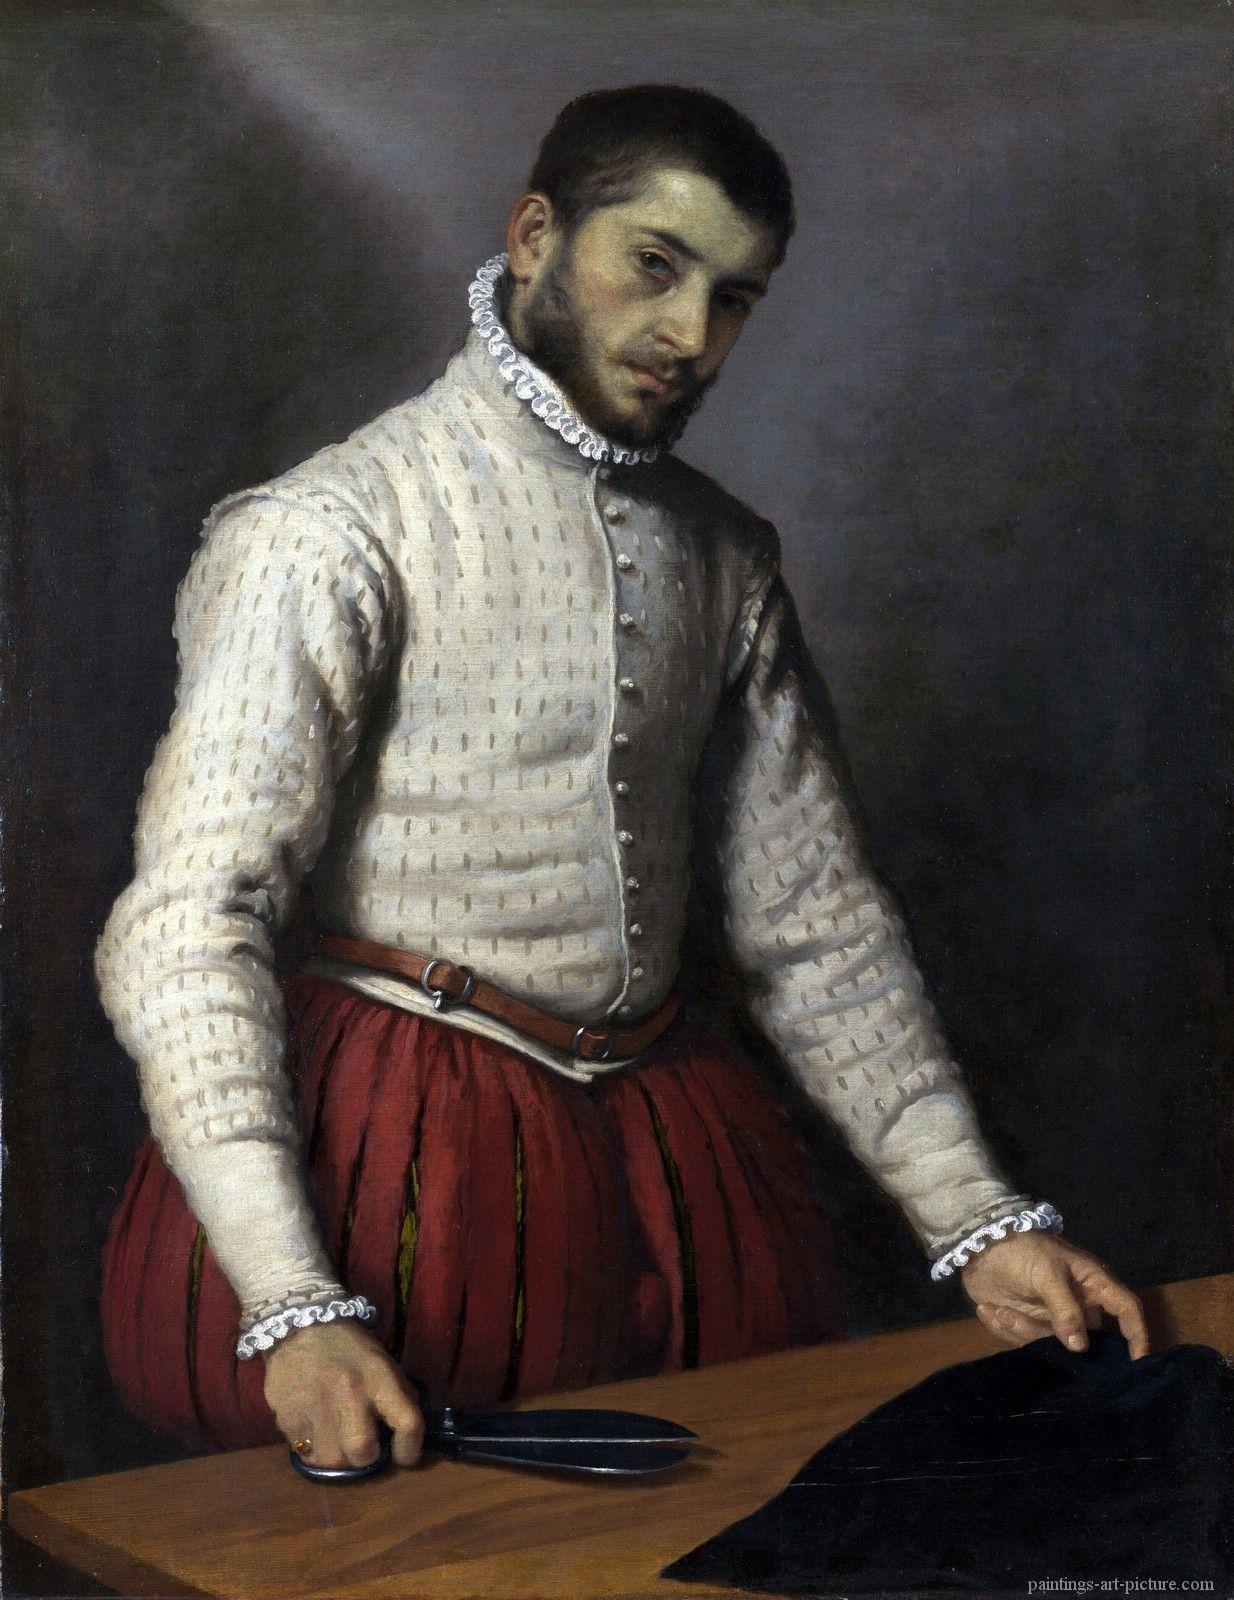 Codpiece Archives Historical Menswear Renaissance Men Renaissance Portraits Portrait